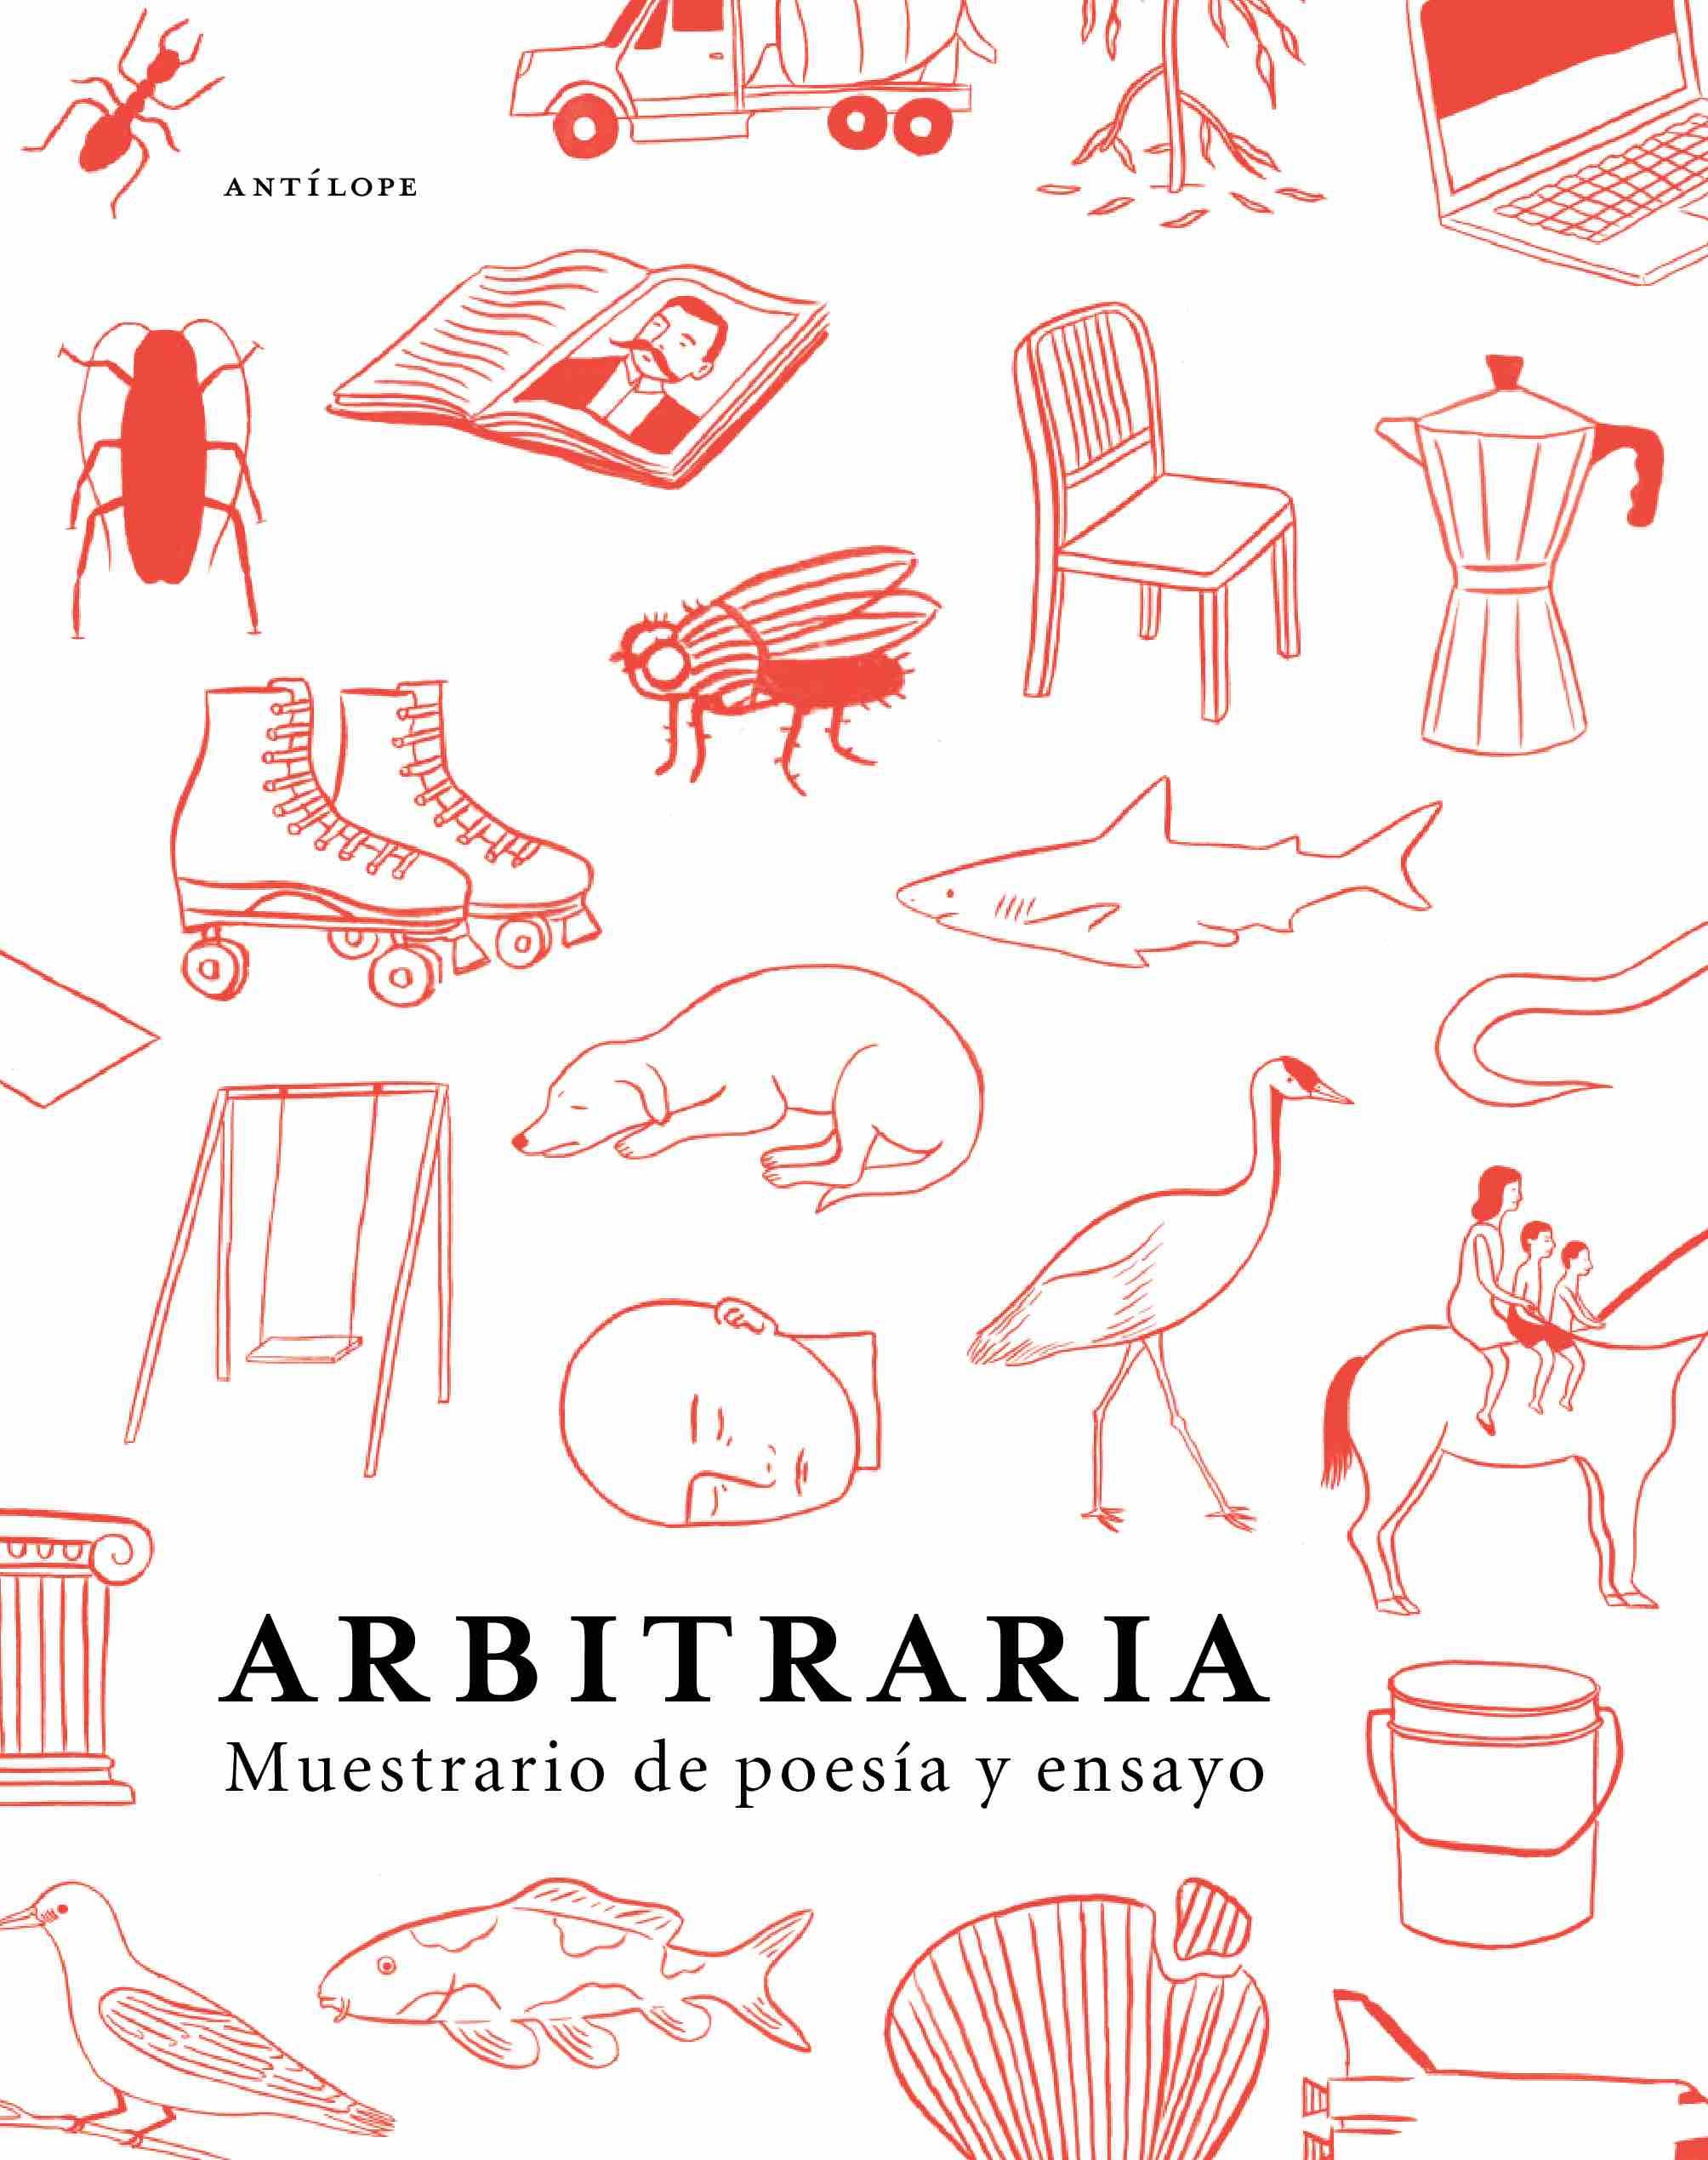 Arbitraria - Ediciones Antilope